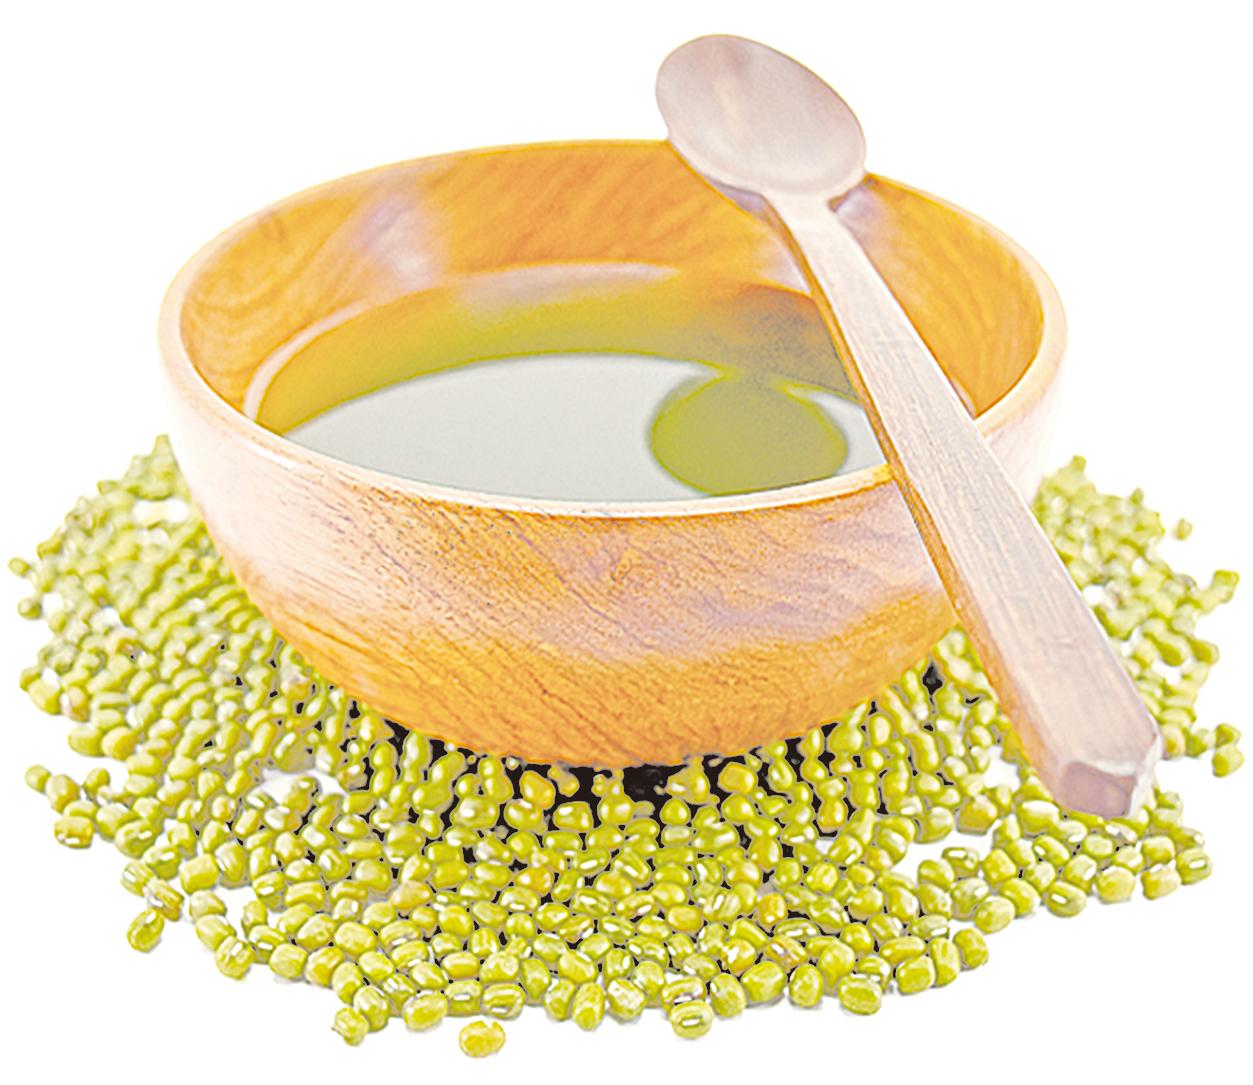 綠豆湯汁可用來代替茶,冷熱皆可飲用。